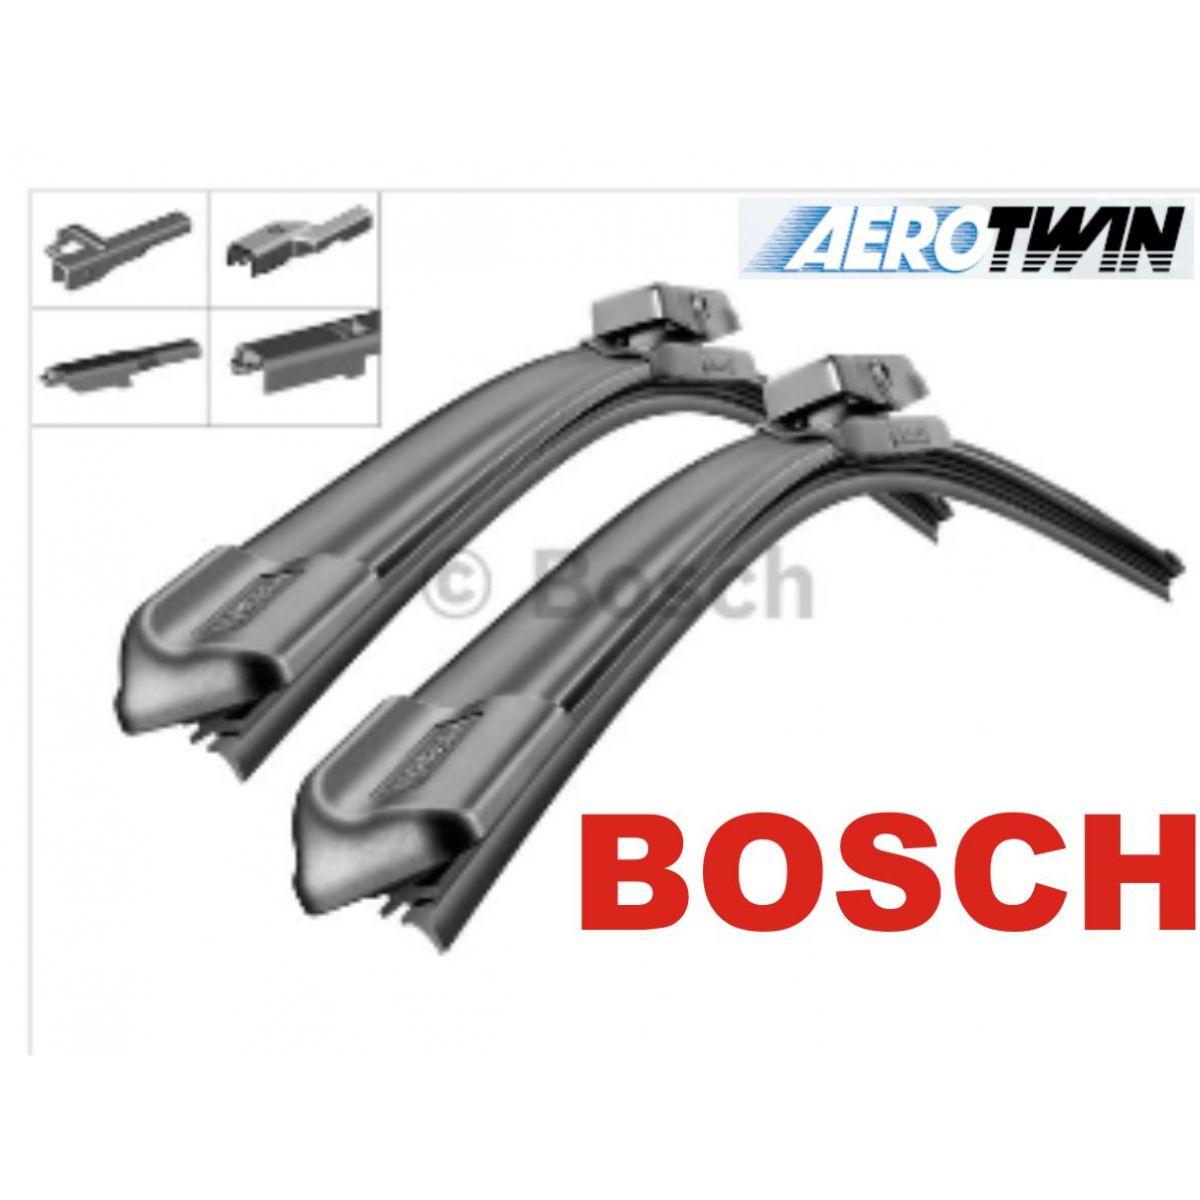 Palheta Bosch Aerotwin Plus Limpador de para brisa Bosch Aston Martin Rapide DB9 / DBS Vantage / Vantage Coupe